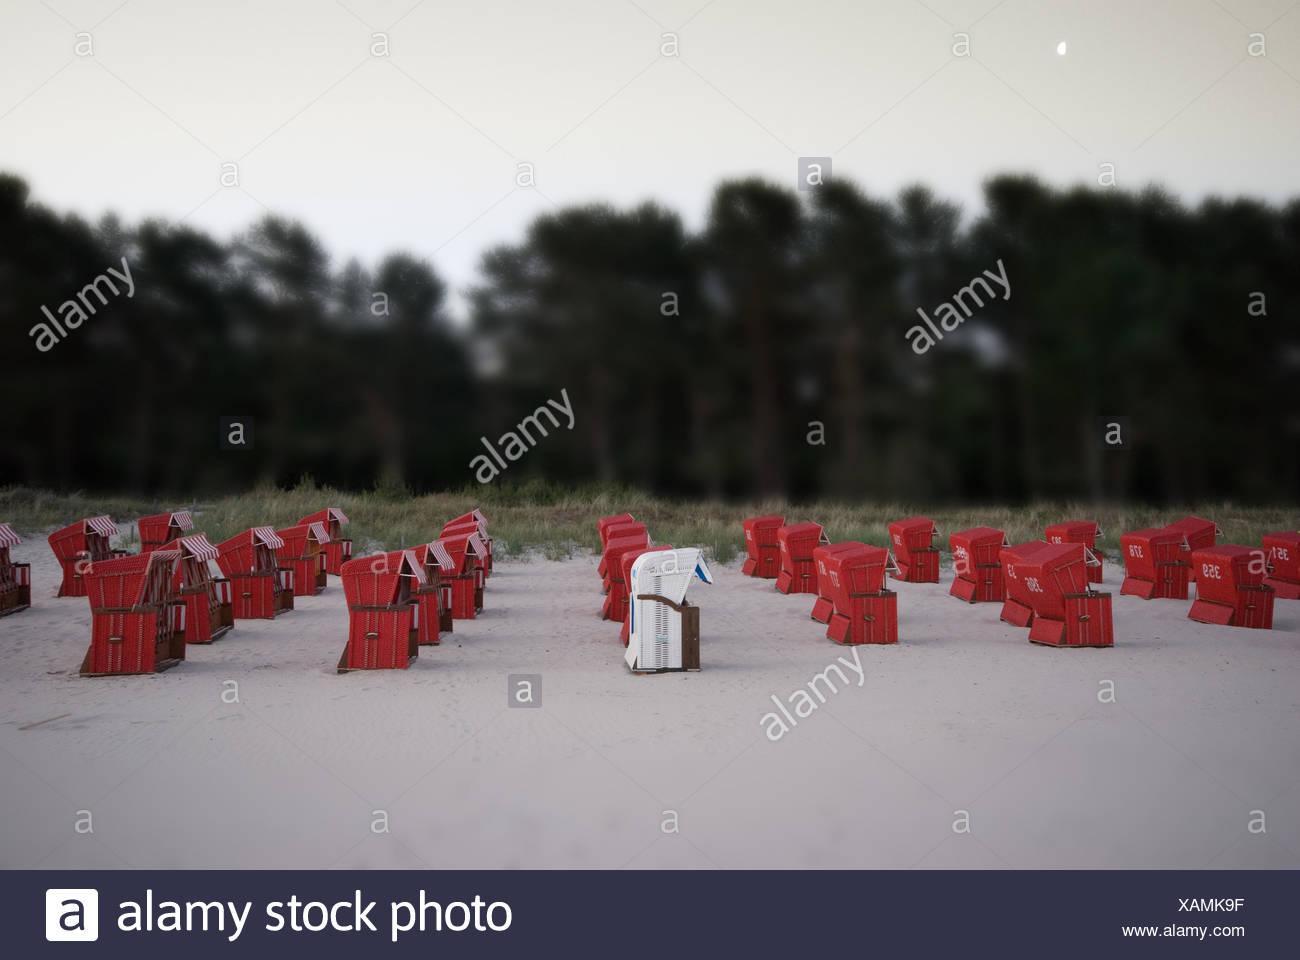 Strandkörbe, Rot, Weiß, Strand, Binz, Deutschland - Stock Image